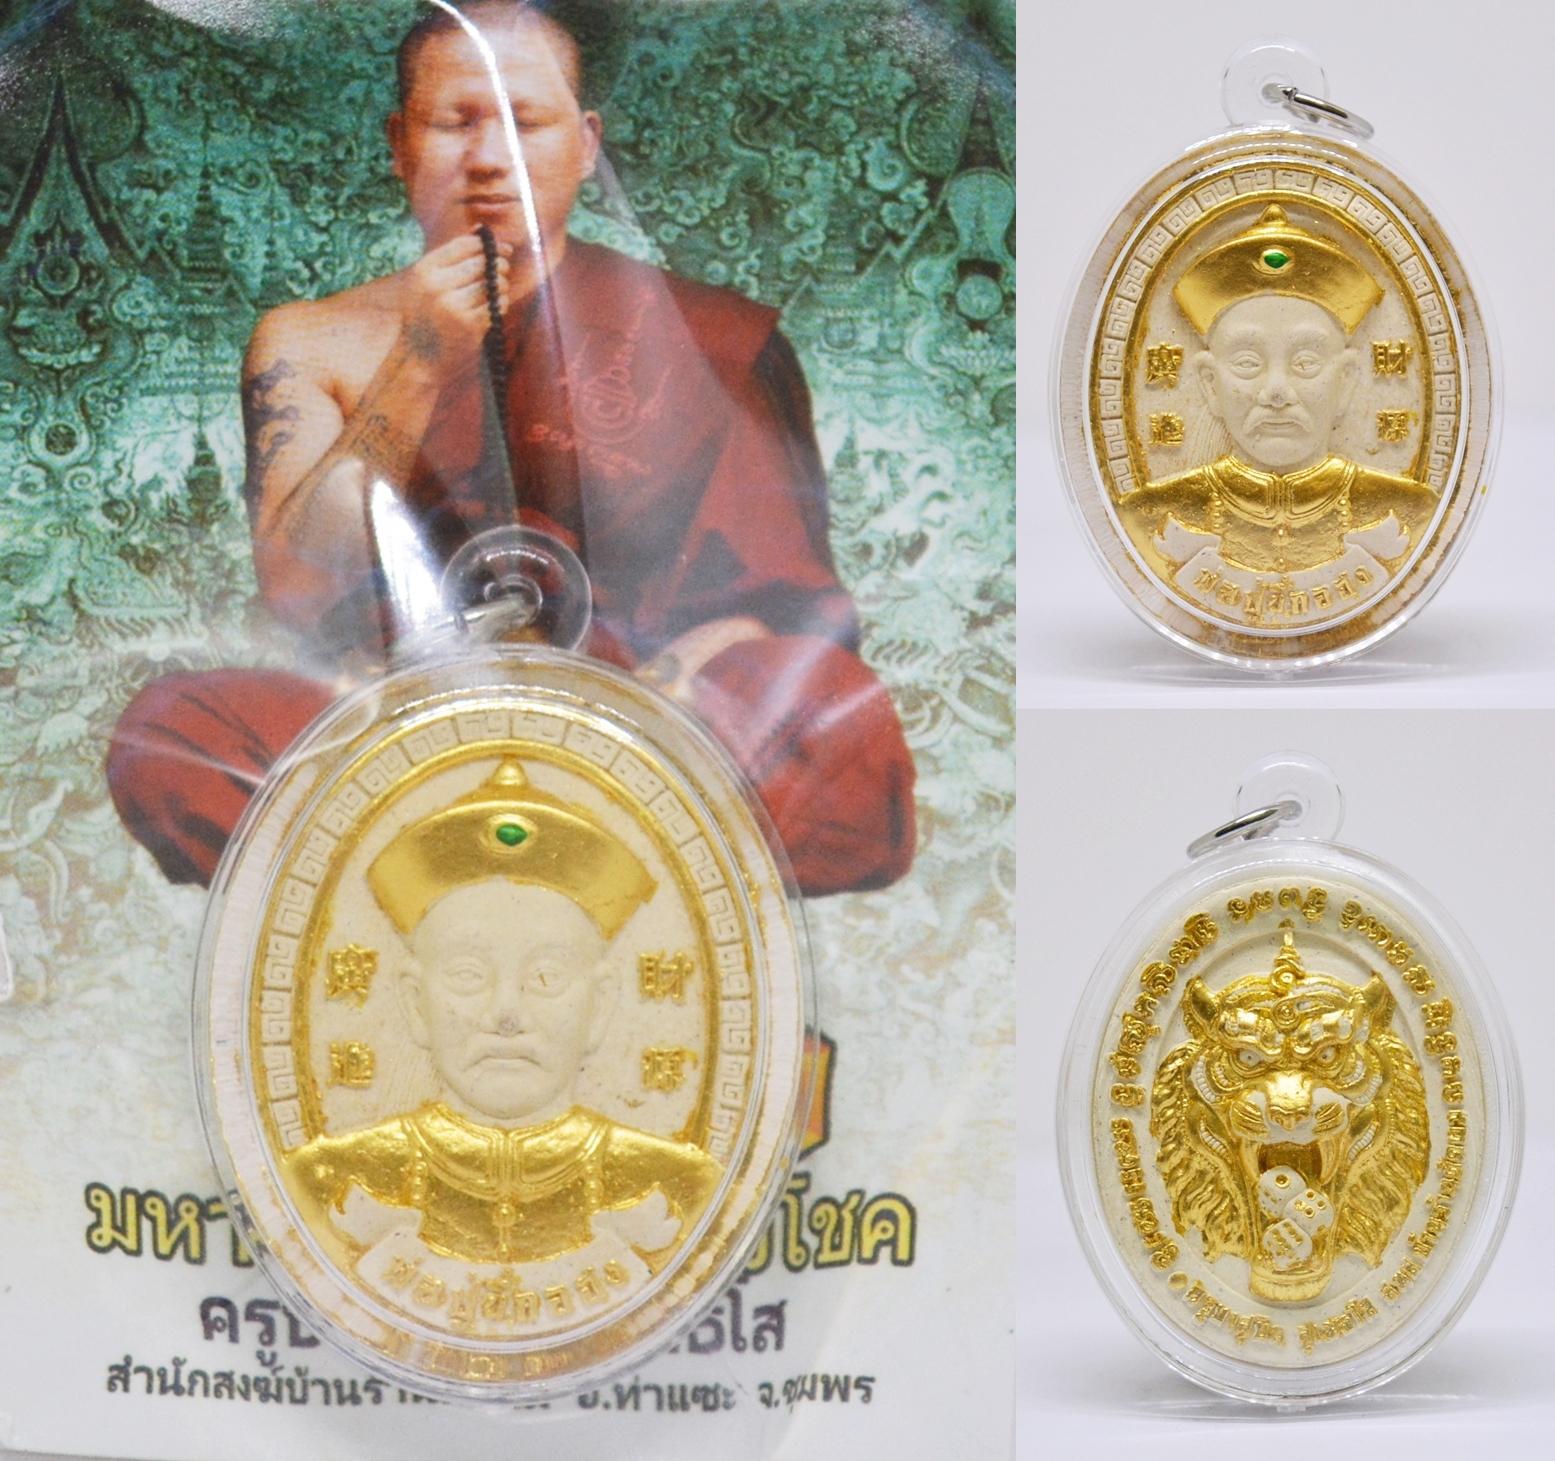 พ่อปู่ยี่กอฮง เนื้อผงว่าน 108 สีขาวปิดทอง ครูบาสุบิน สุเมธโส สำนักสงฆ์บ้านร้านตัดผม 2555